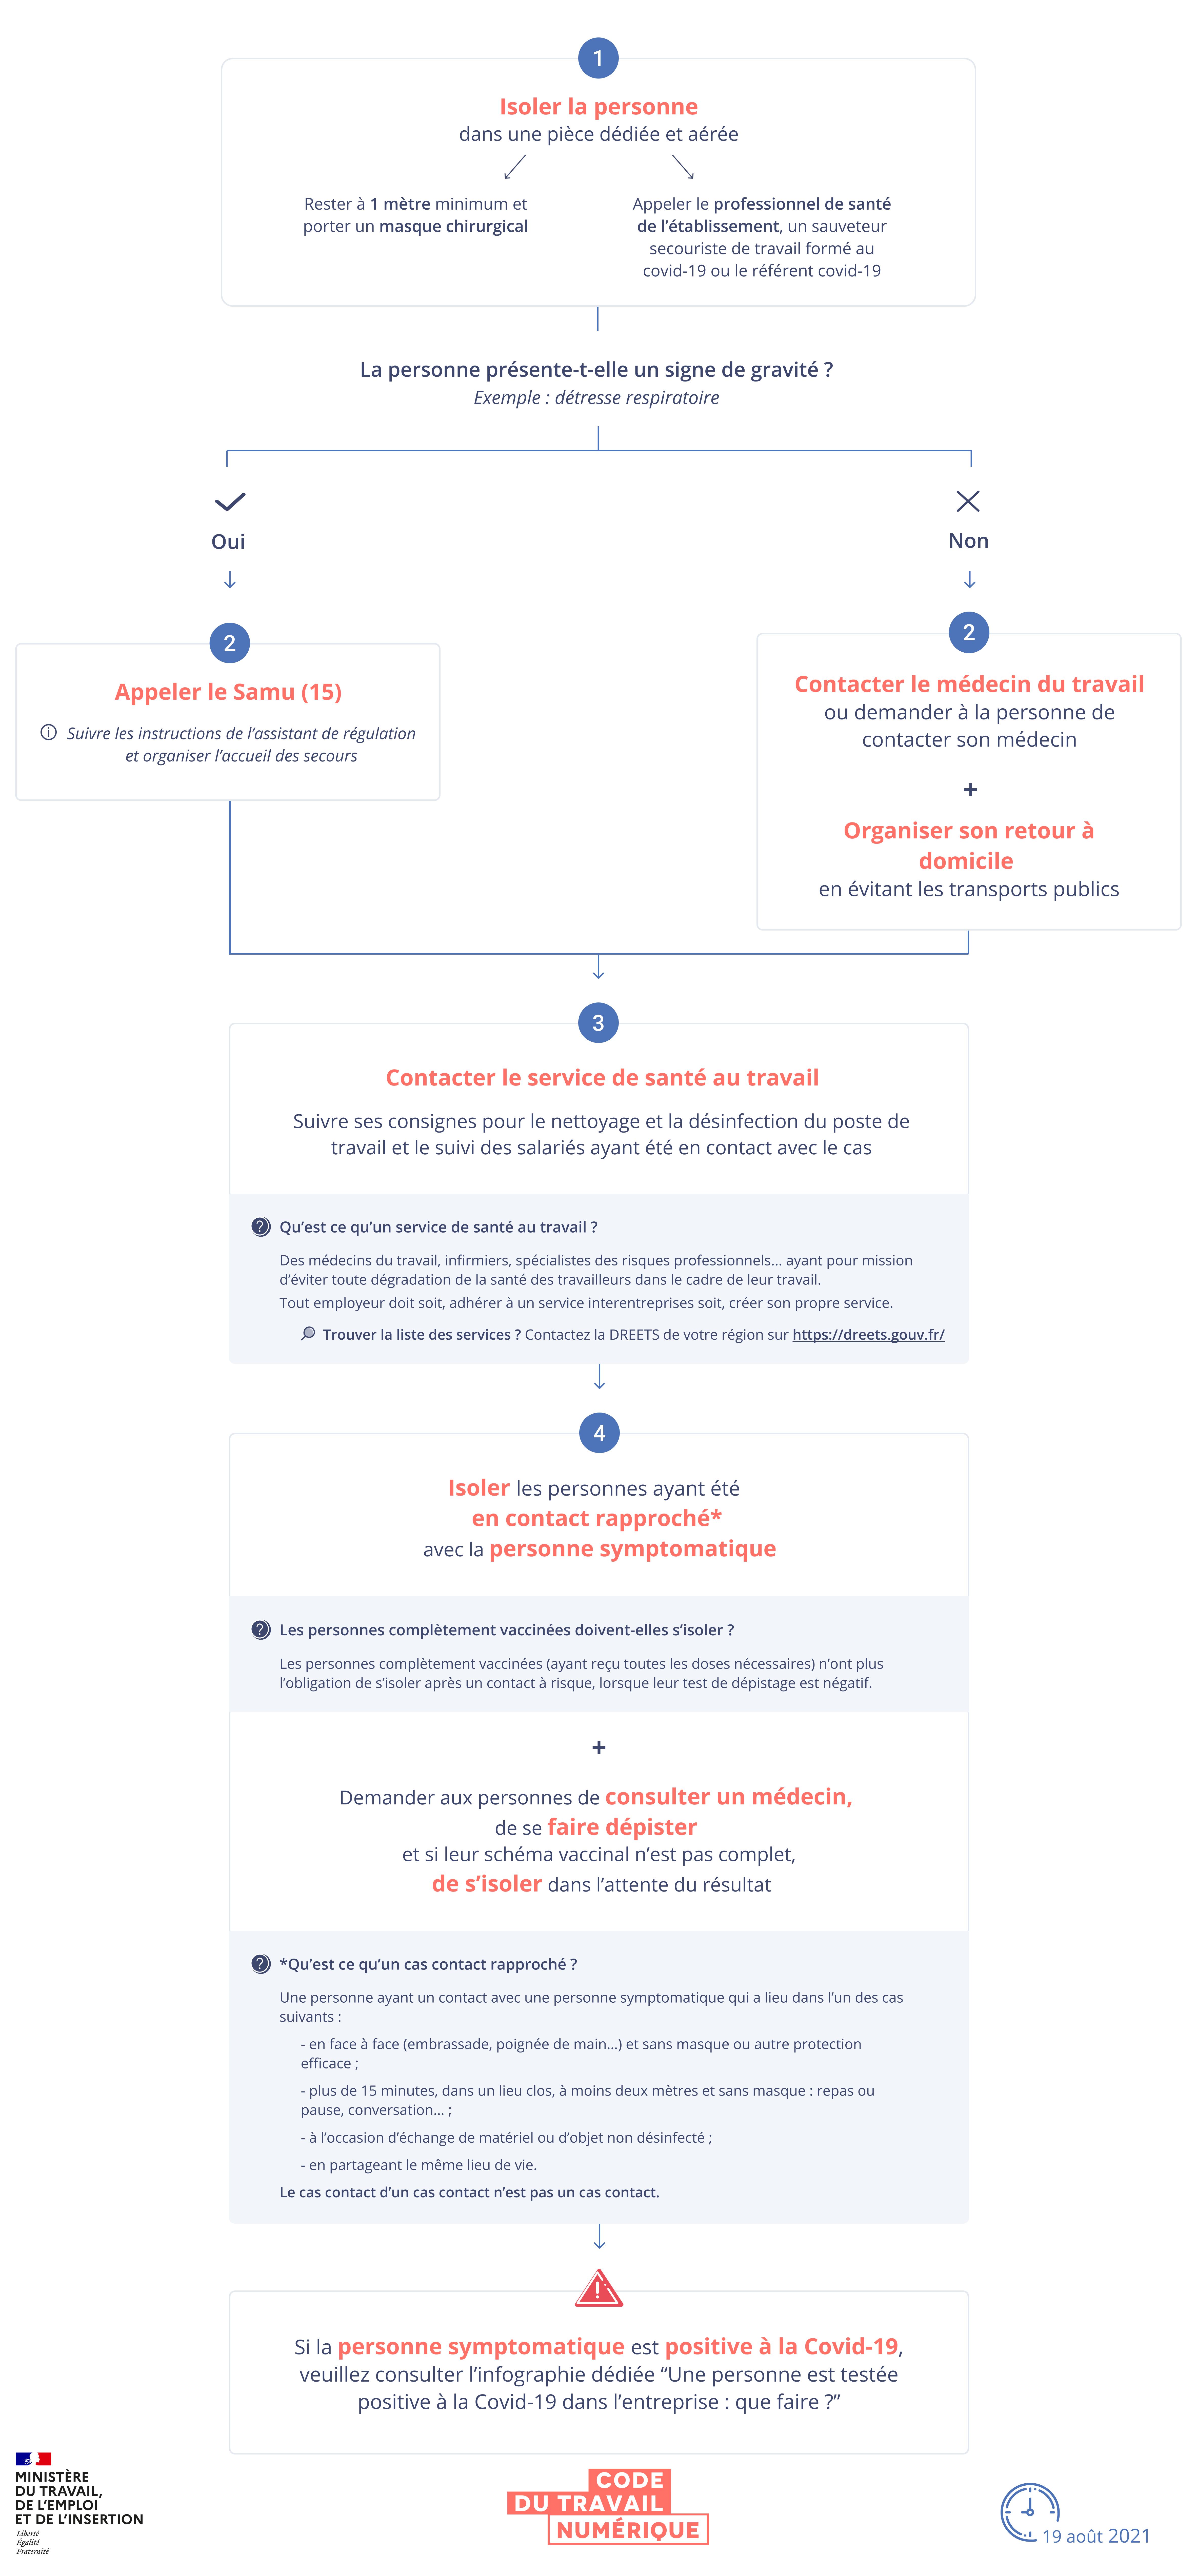 Infographie schématisant la procédure à suivre en cas de personne symptômatique dans l'entreprise. Une version textuelle est disponible en dessous.